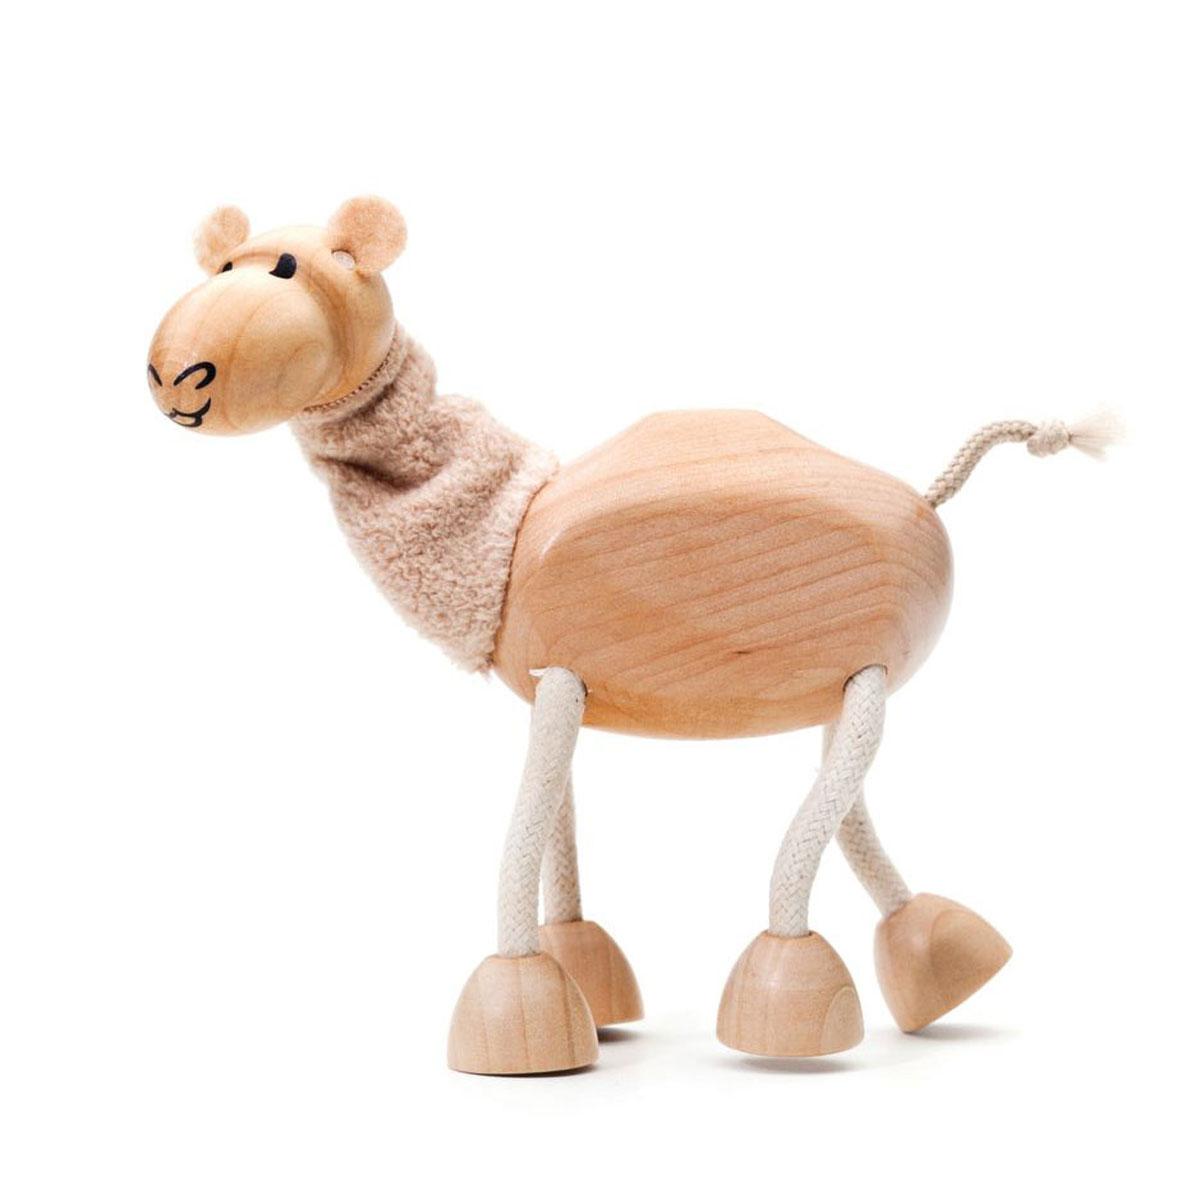 AnaMalz Фигурка деревянная ВерблюдCA2010А вот и житель пустыни Верблюд, большой любитель колючих растений! Верблюд наверняка заинтересует детей, ведь у него длиннющие ноги и мягкая шея, которые можно гнуть в разные стороны. Anamalz - это качественные экологичные игрушки родом из Австралии. В 2007 году дизайнер Луиза Козон-Скотт вместе с мужем решили встряхнуть индустрию деревянных игрушек и сделать их более уютными и пластичными. Эти качества и отличают фигурки Anamalz и сегодня. Благодаря гнущимся деталям звери могут оживать, принимая разные позы. Деревянные игрушки дополнены тканевыми элементами, причем ткани используются только натуральные: хлопок, шерсть, шелк. Фигурки производятся из вечнозеленого дерева шима (или игольчатое дерево), выращивается оно на лесных плантациях в Китае.